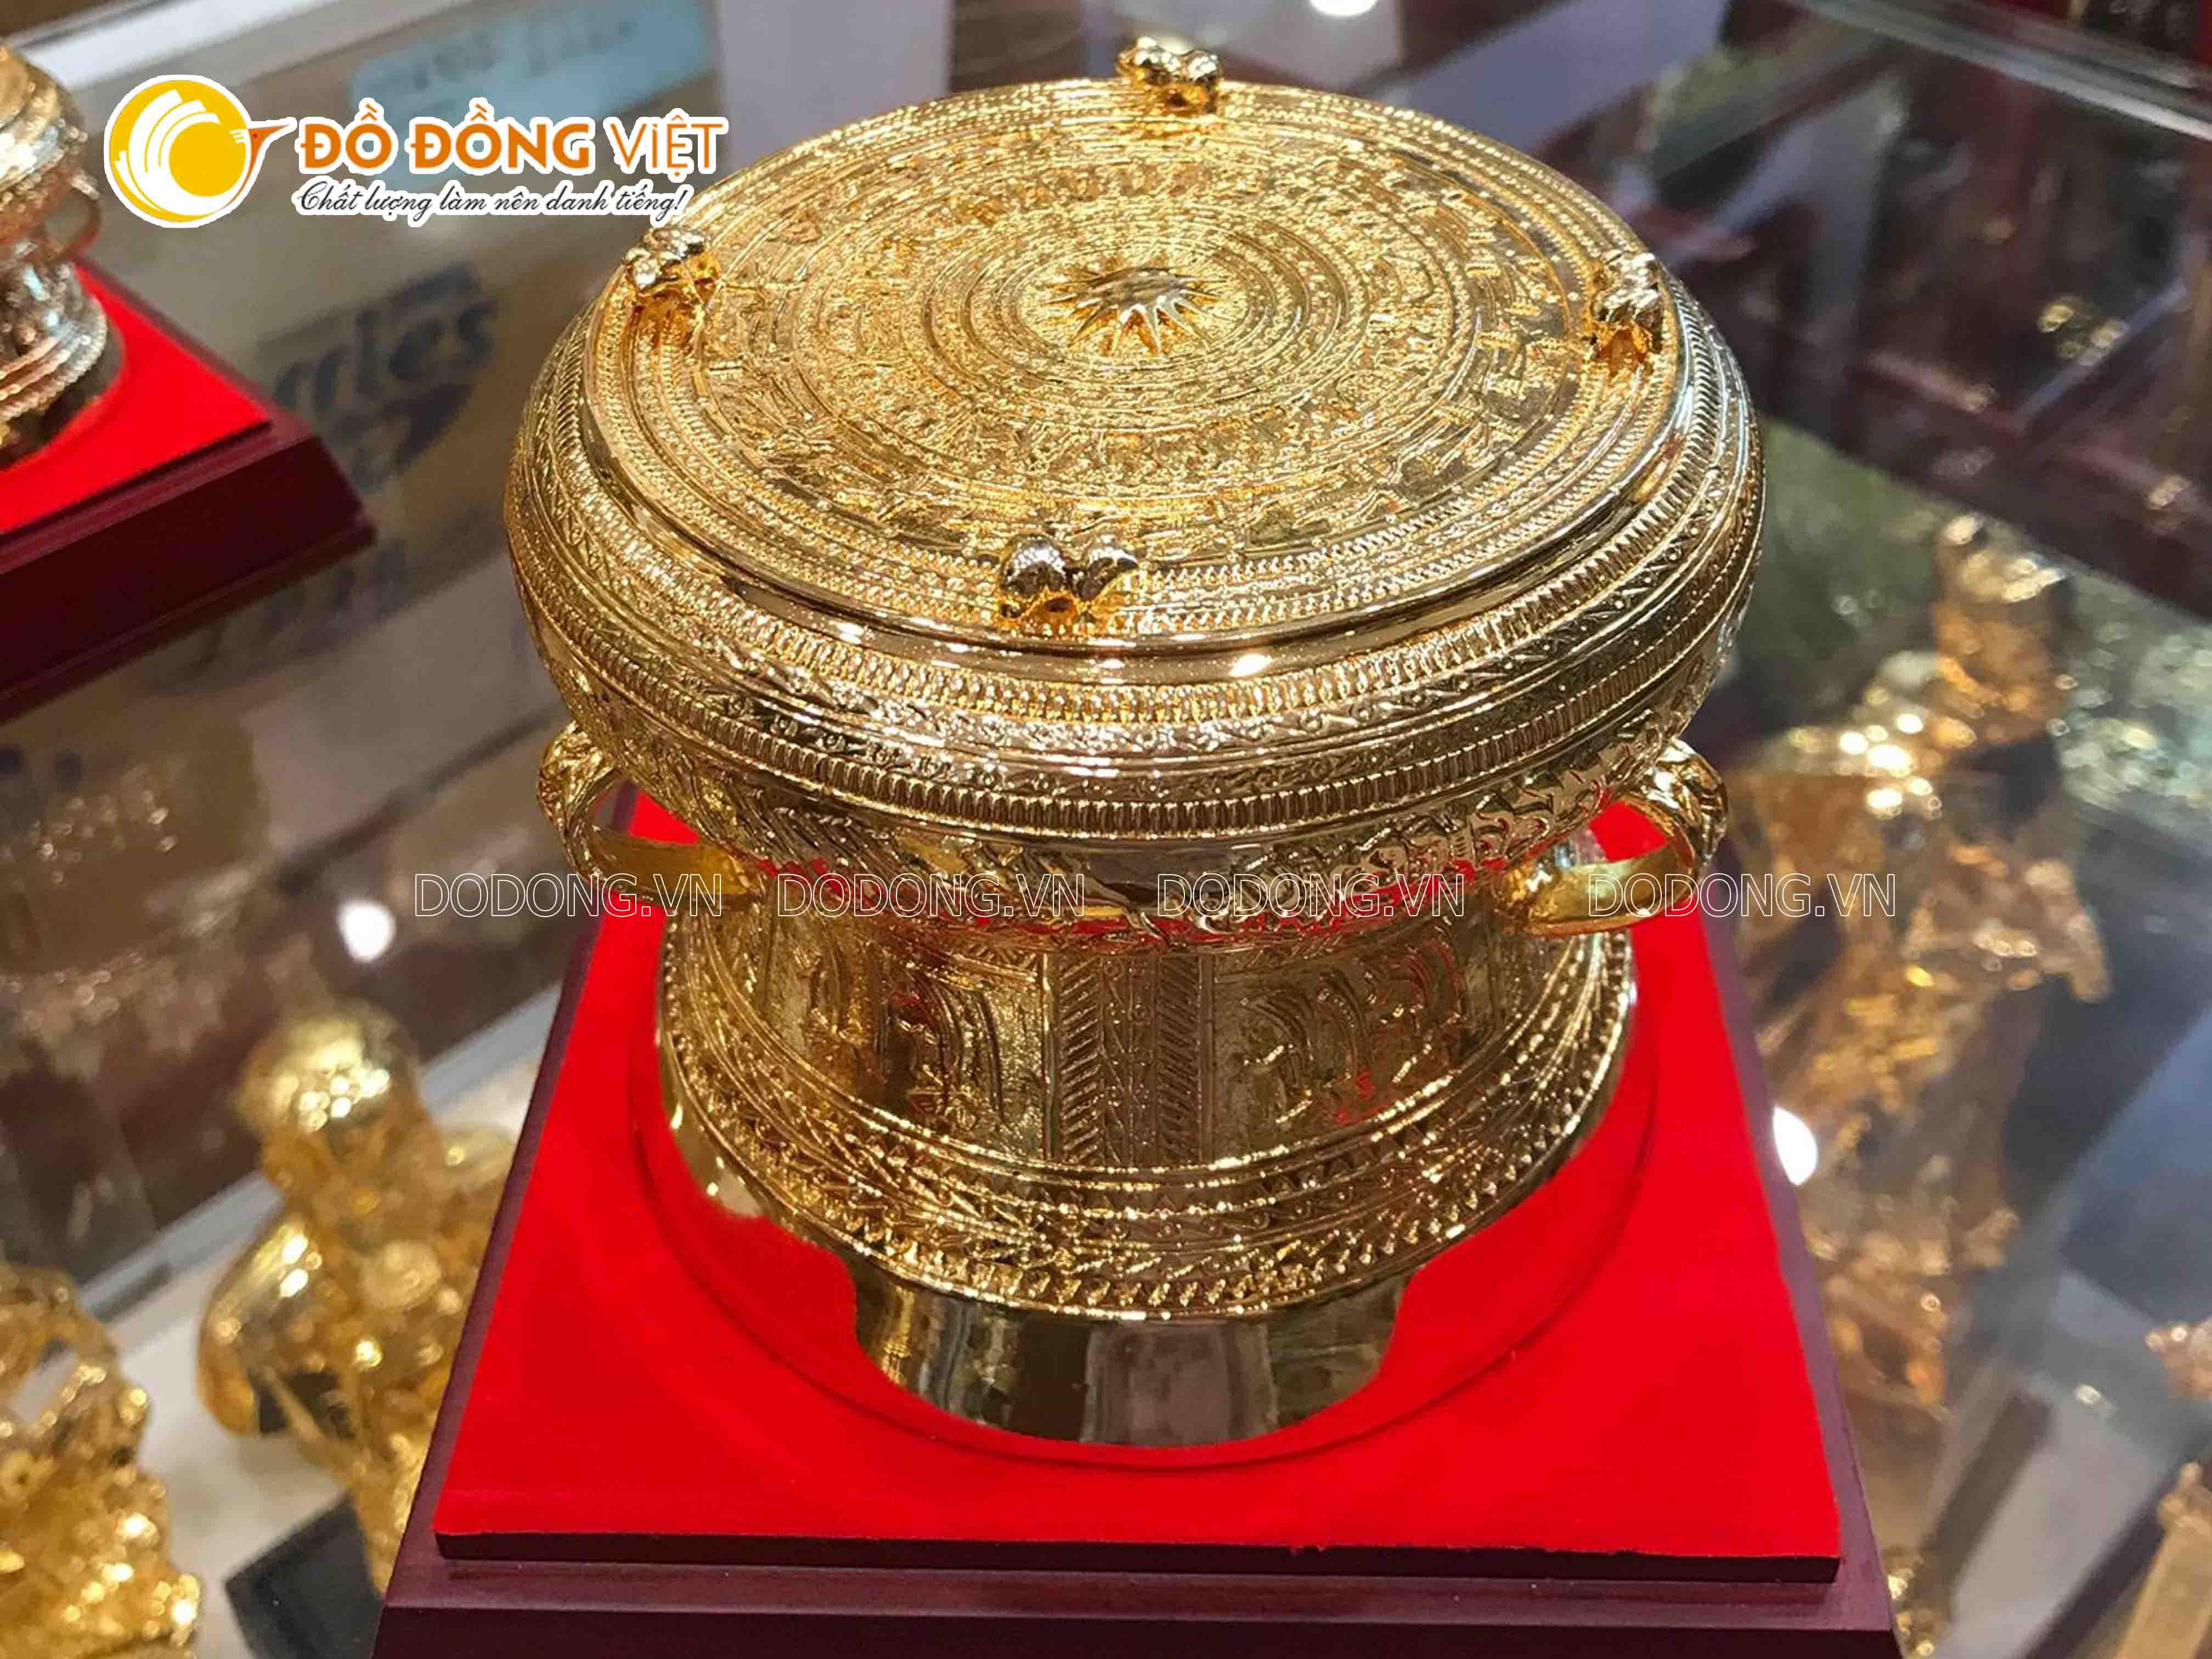 Quà tặng trống đồng mạ vàng đẹp tinh xảo0